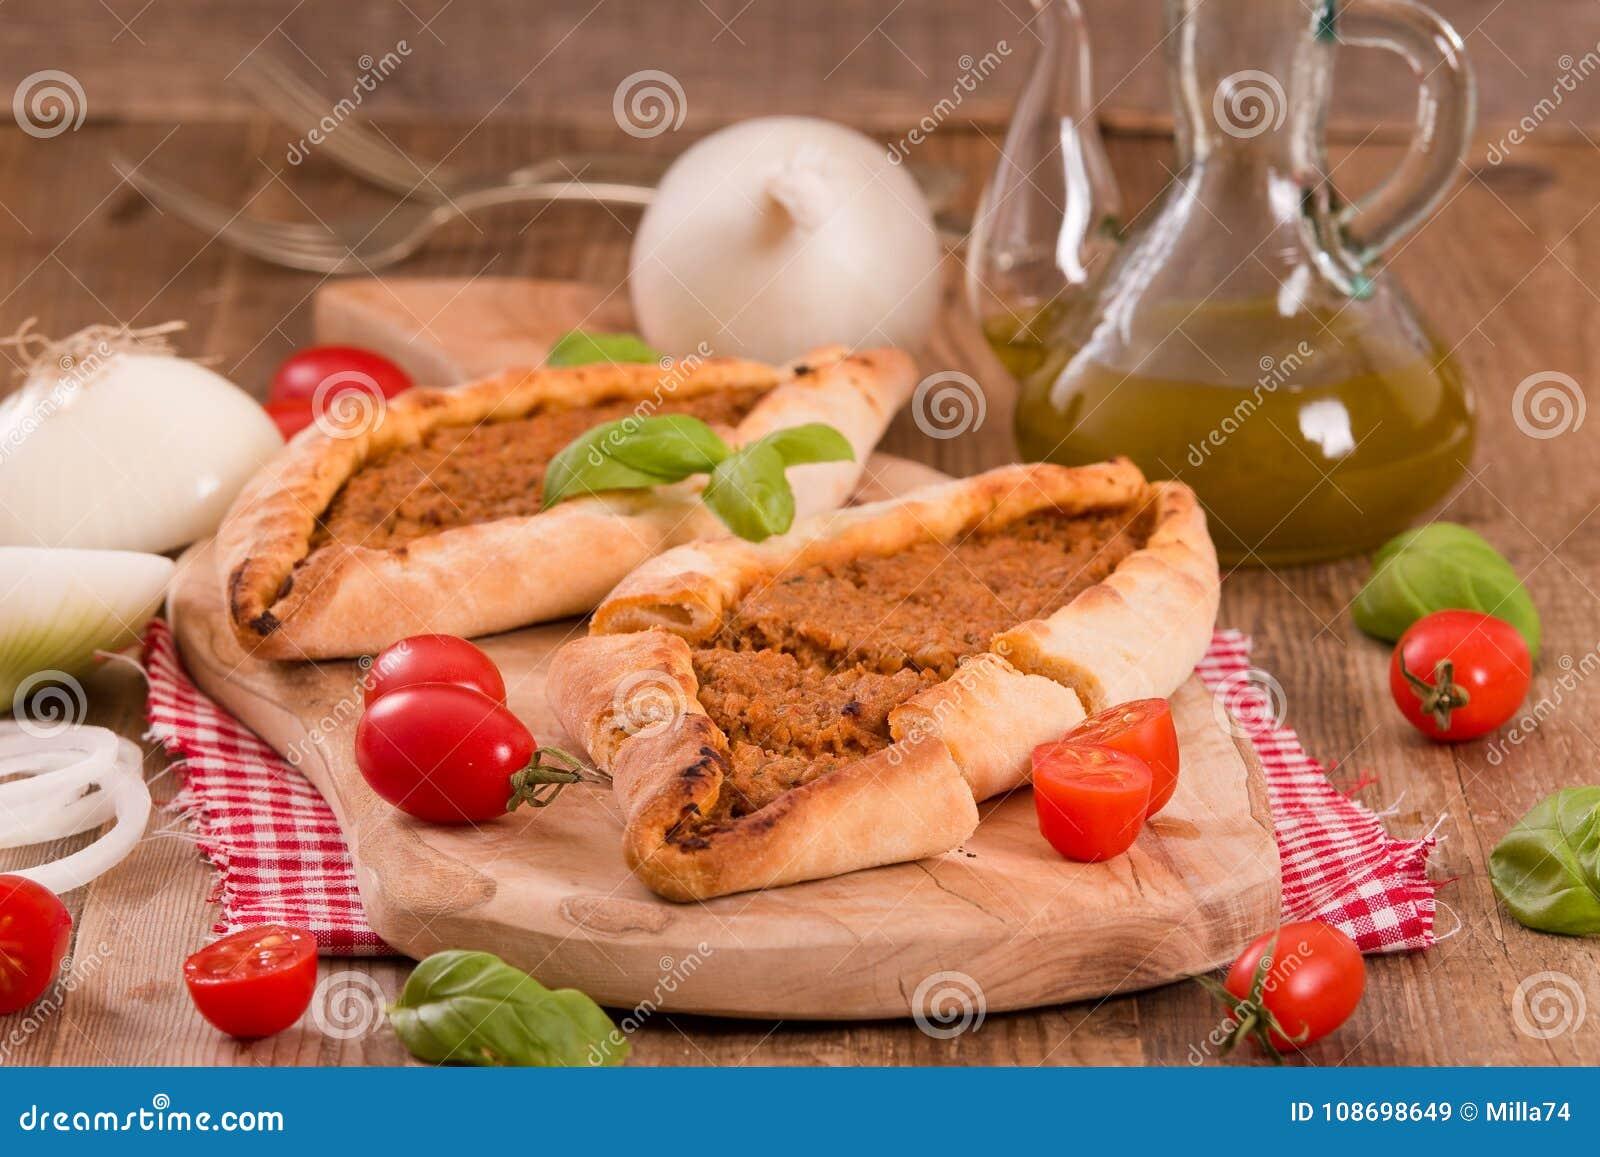 Türkische Pide Pizza Mit Fleisch Und Zwiebel Stockbild Bild Von